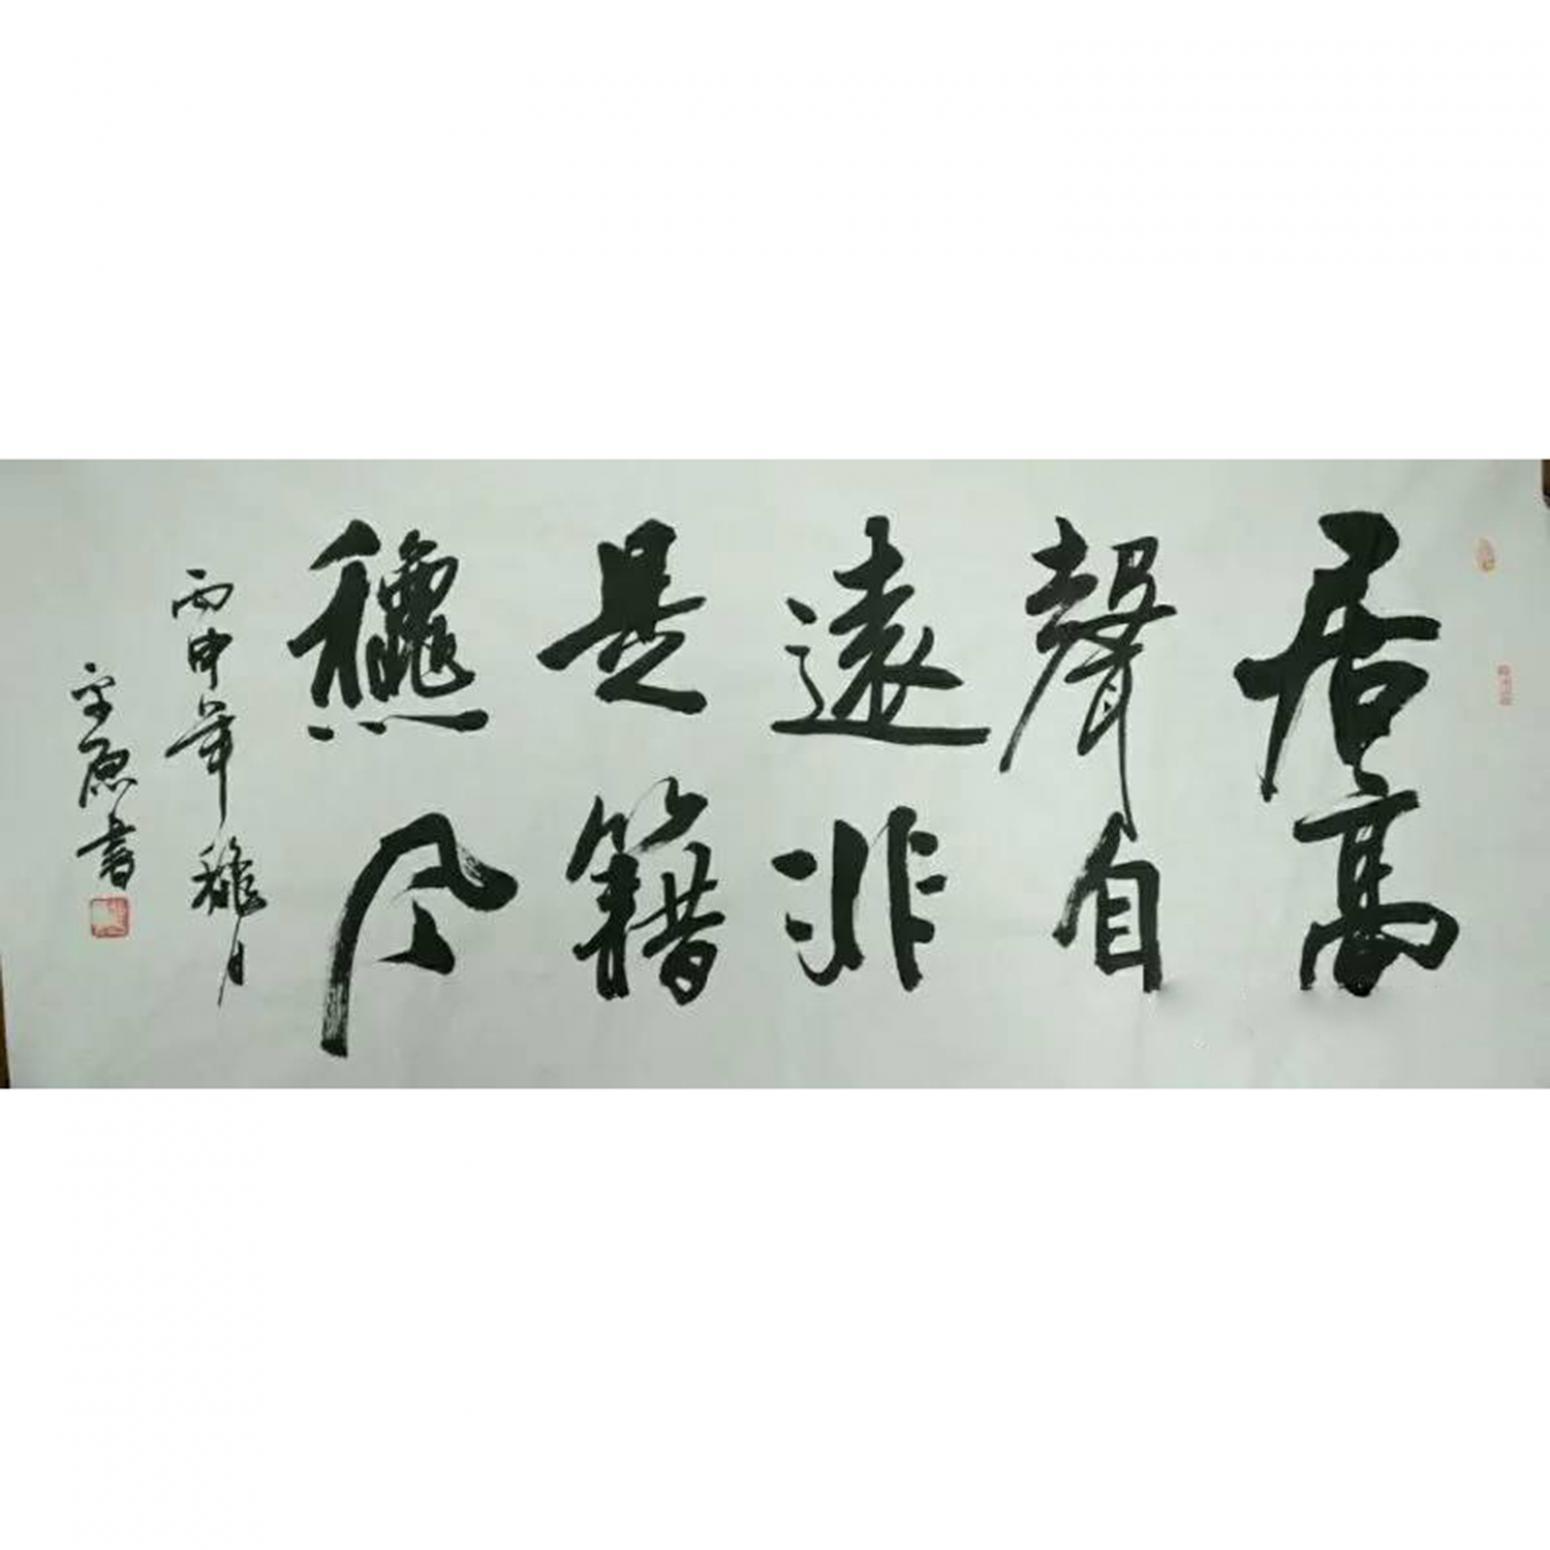 张平原书法作品《【居高...】作者张平原》